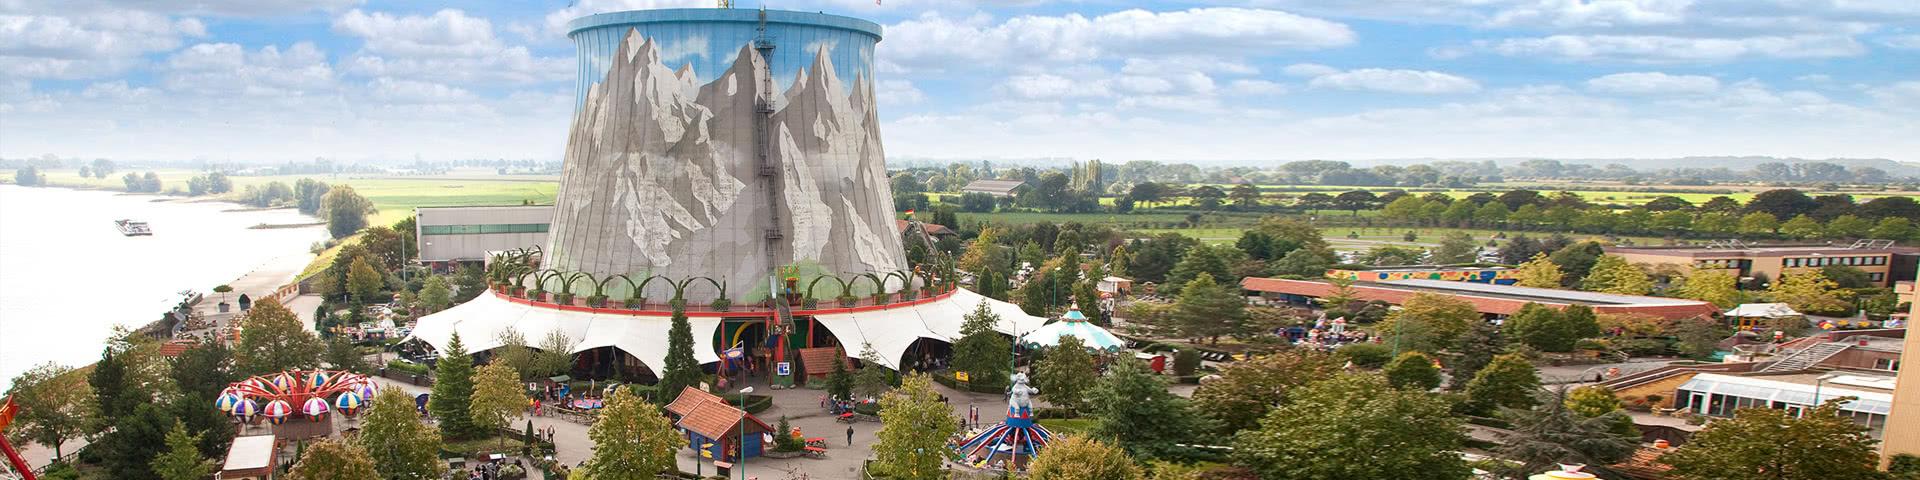 Luftansicht Freizeitpark Wunderland